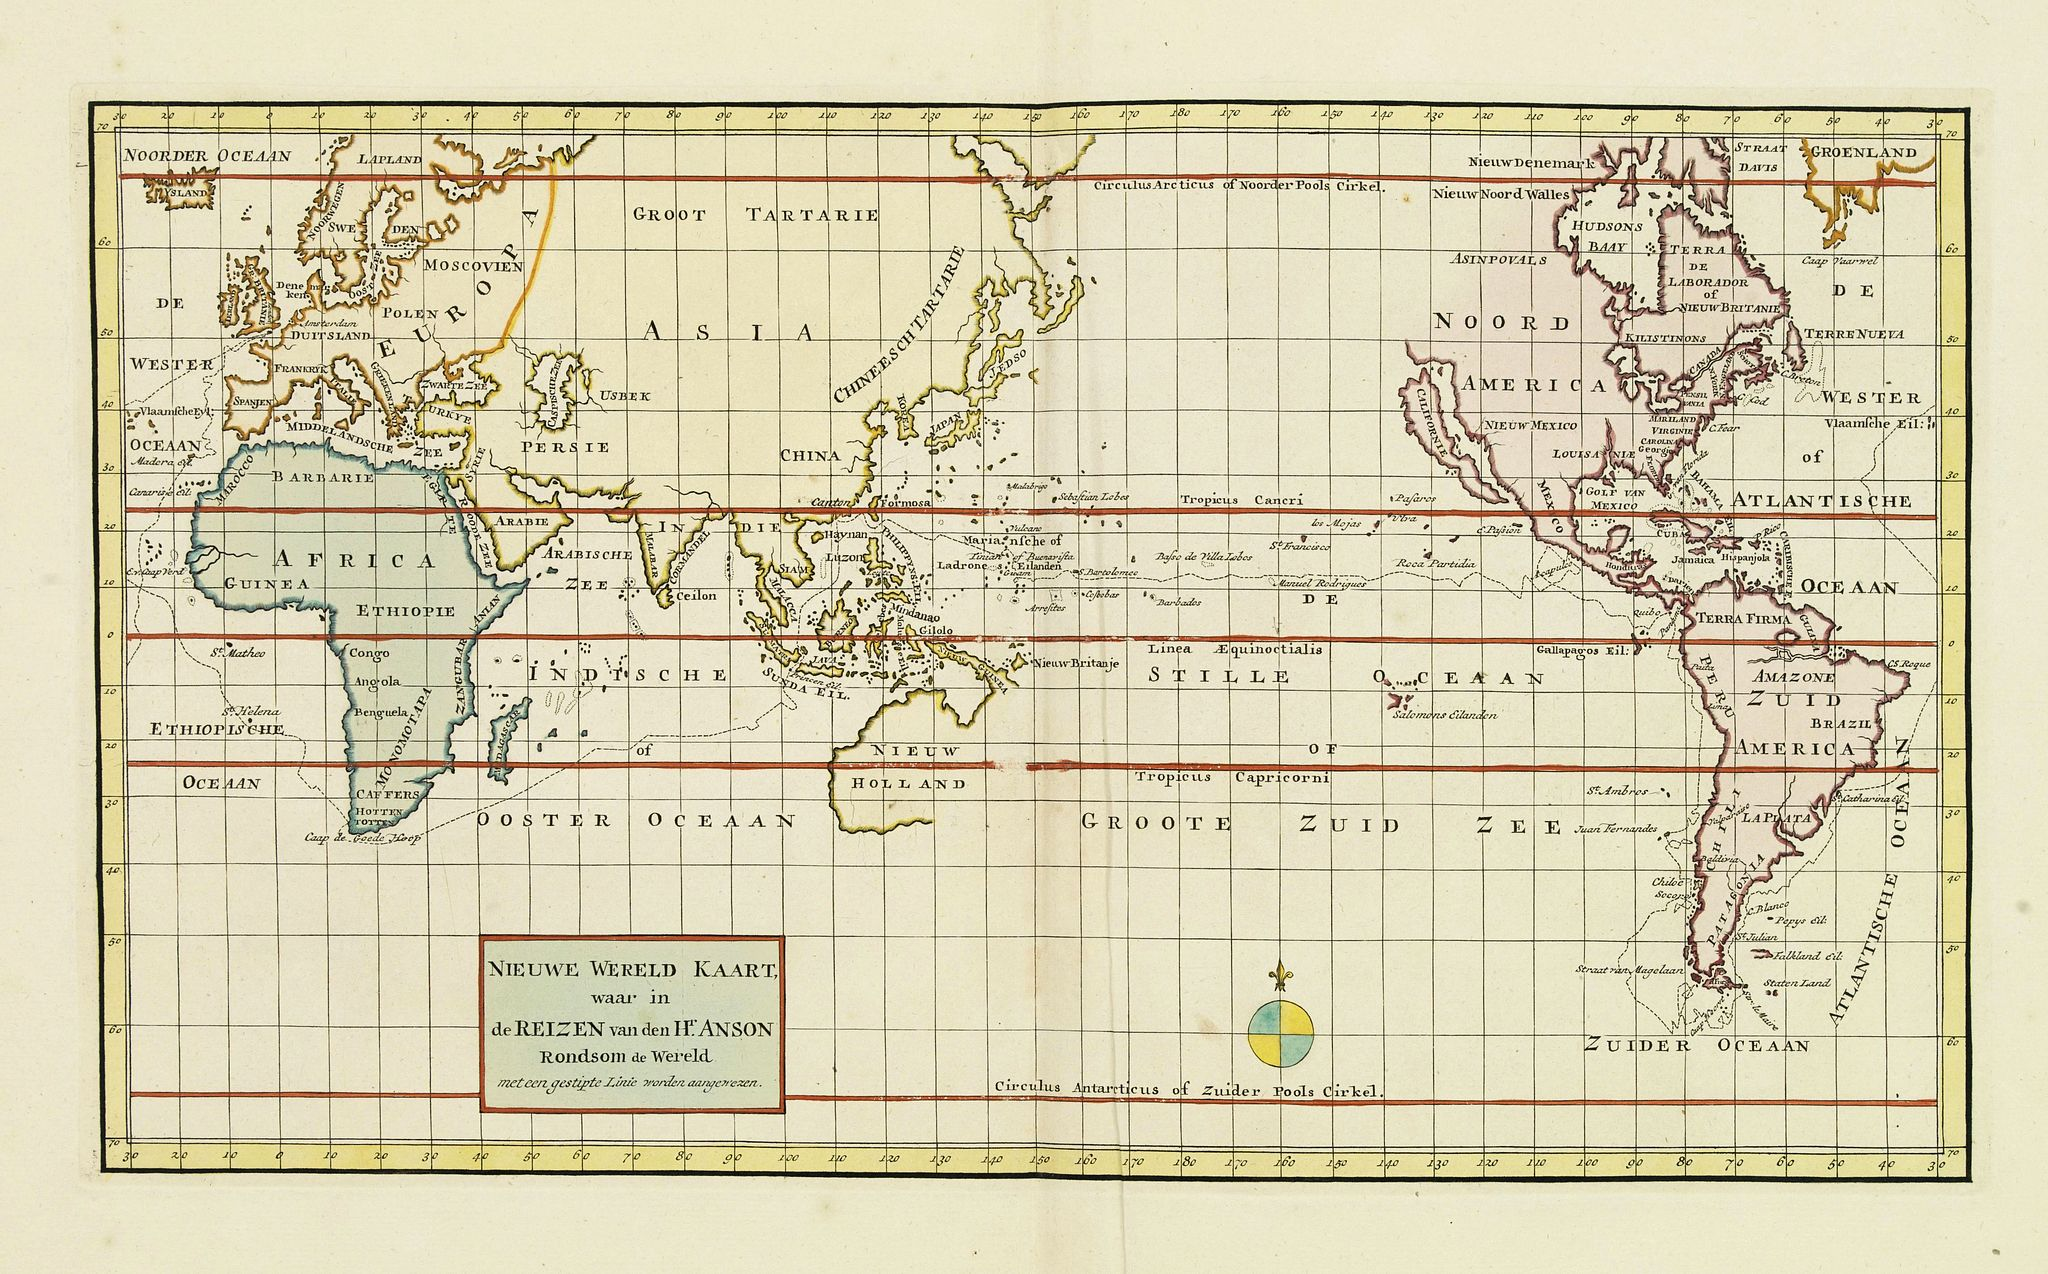 TIRION, I. - Nieuwe Wereld Kaart waar in de Reizen van den Hr. Anson rondsom de Wereld met een gestipte Linie worden Aangewezen.